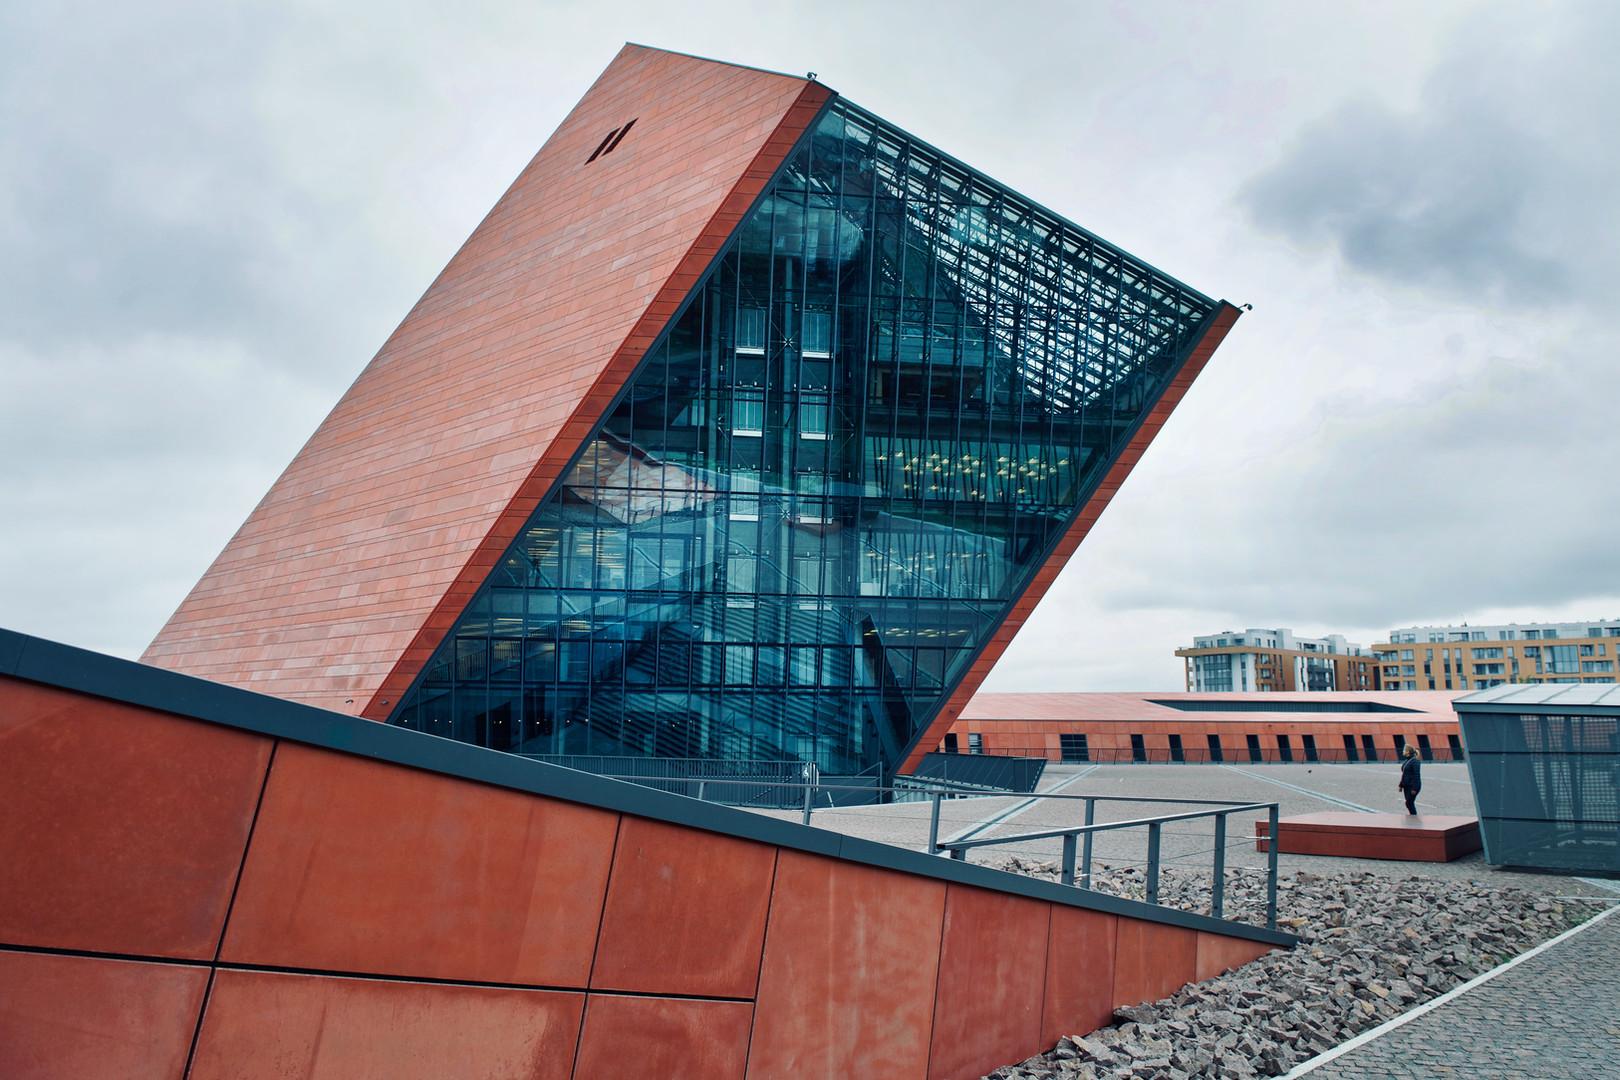 Das Europäisches Zentrum der Solidarität - dasMuseum in Danzig